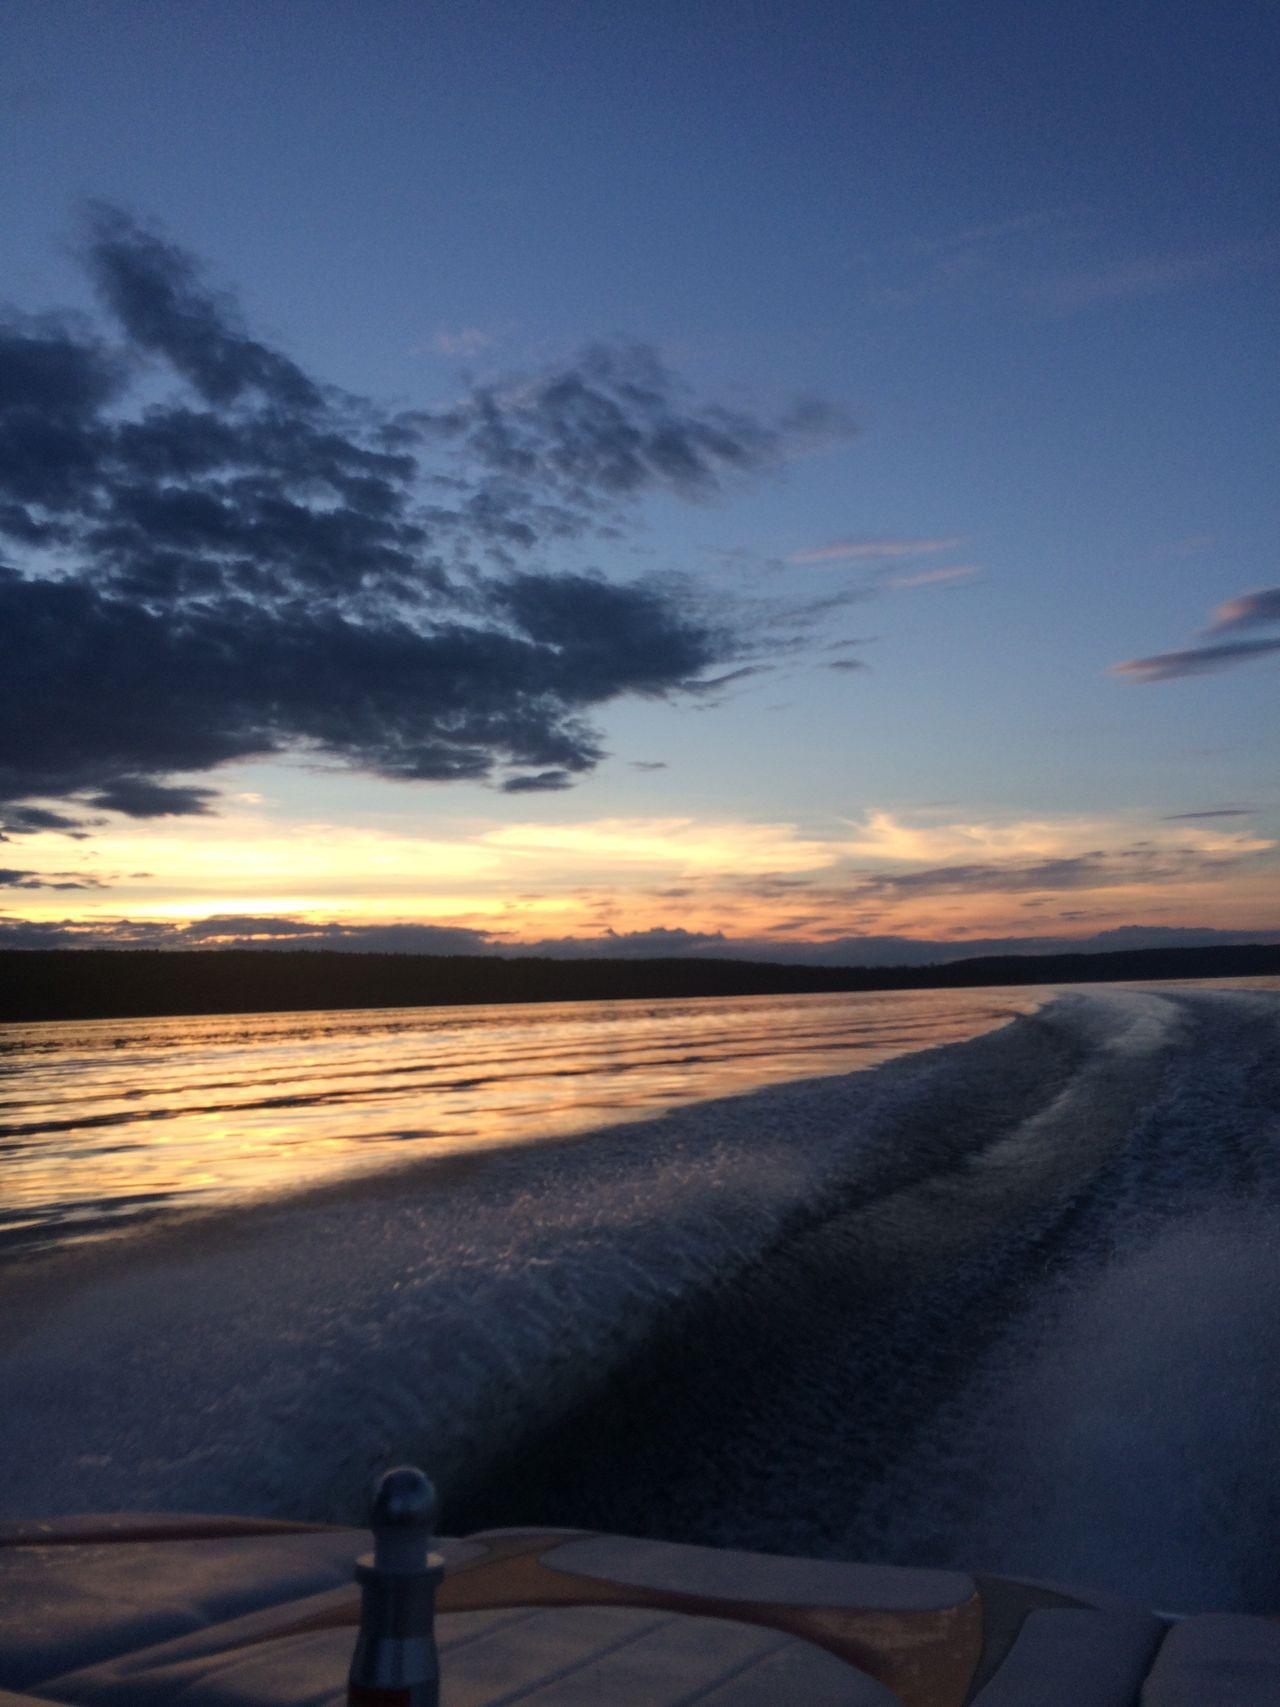 Sunset cruising Canada Lake View Lakeshore Lake British Columbia Wake Wakesurfing Sunset Darkskies Boat